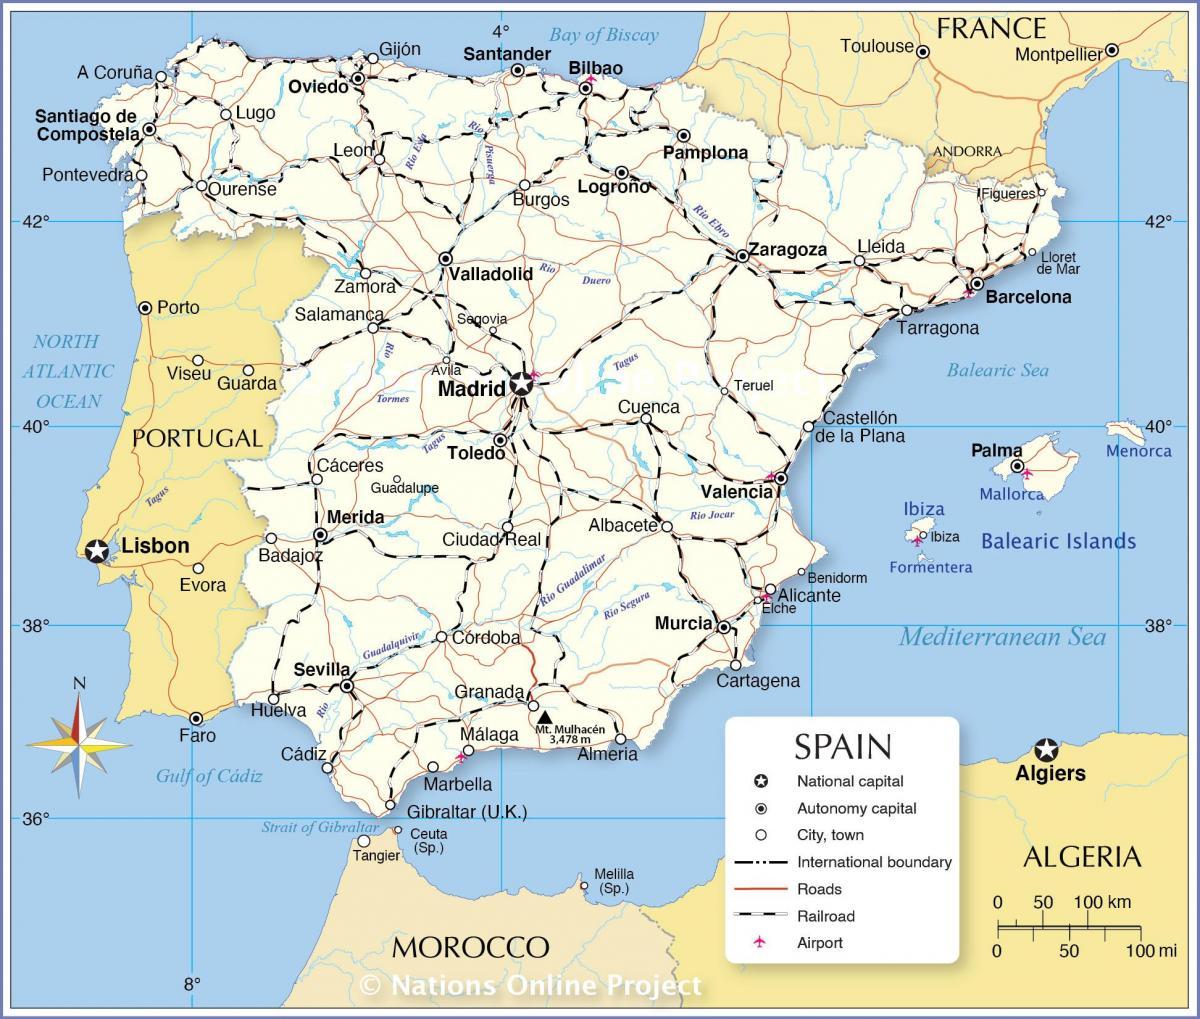 Spanija Mapu Mapa Pokazuje Spaniji Juznoj Europi Evropi